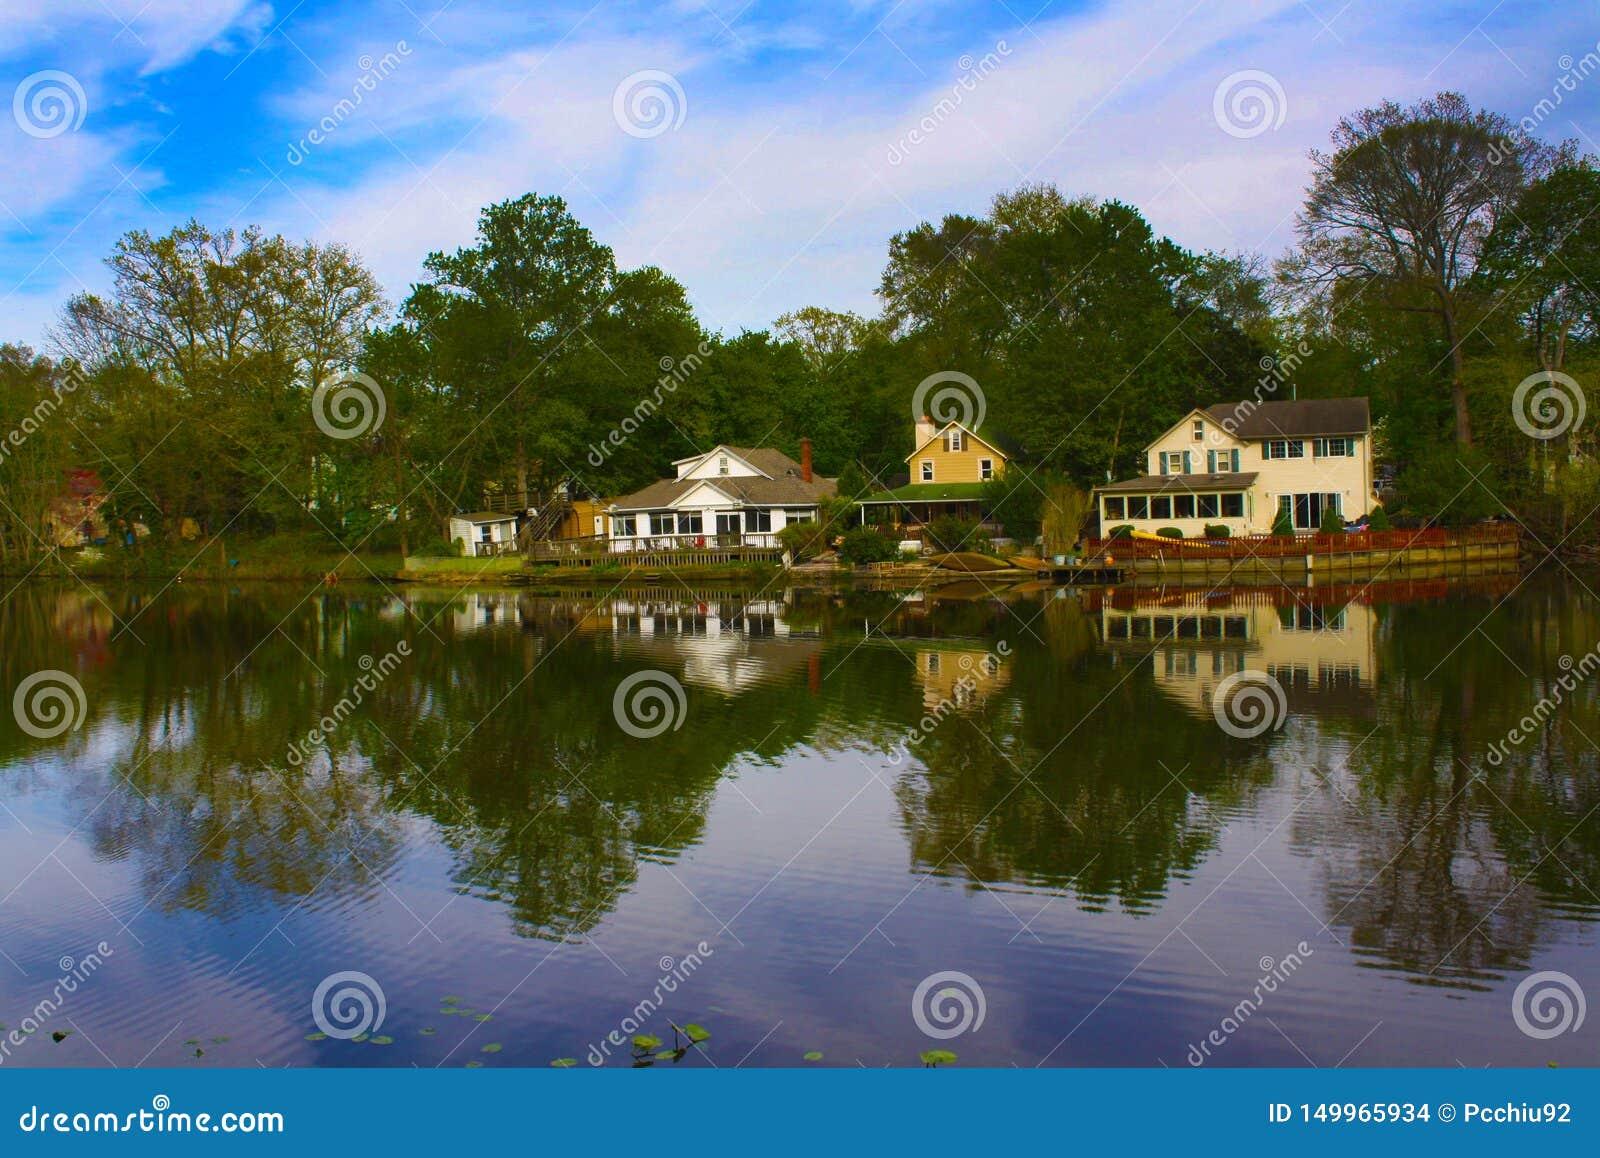 Reflexión de tres casas del lago